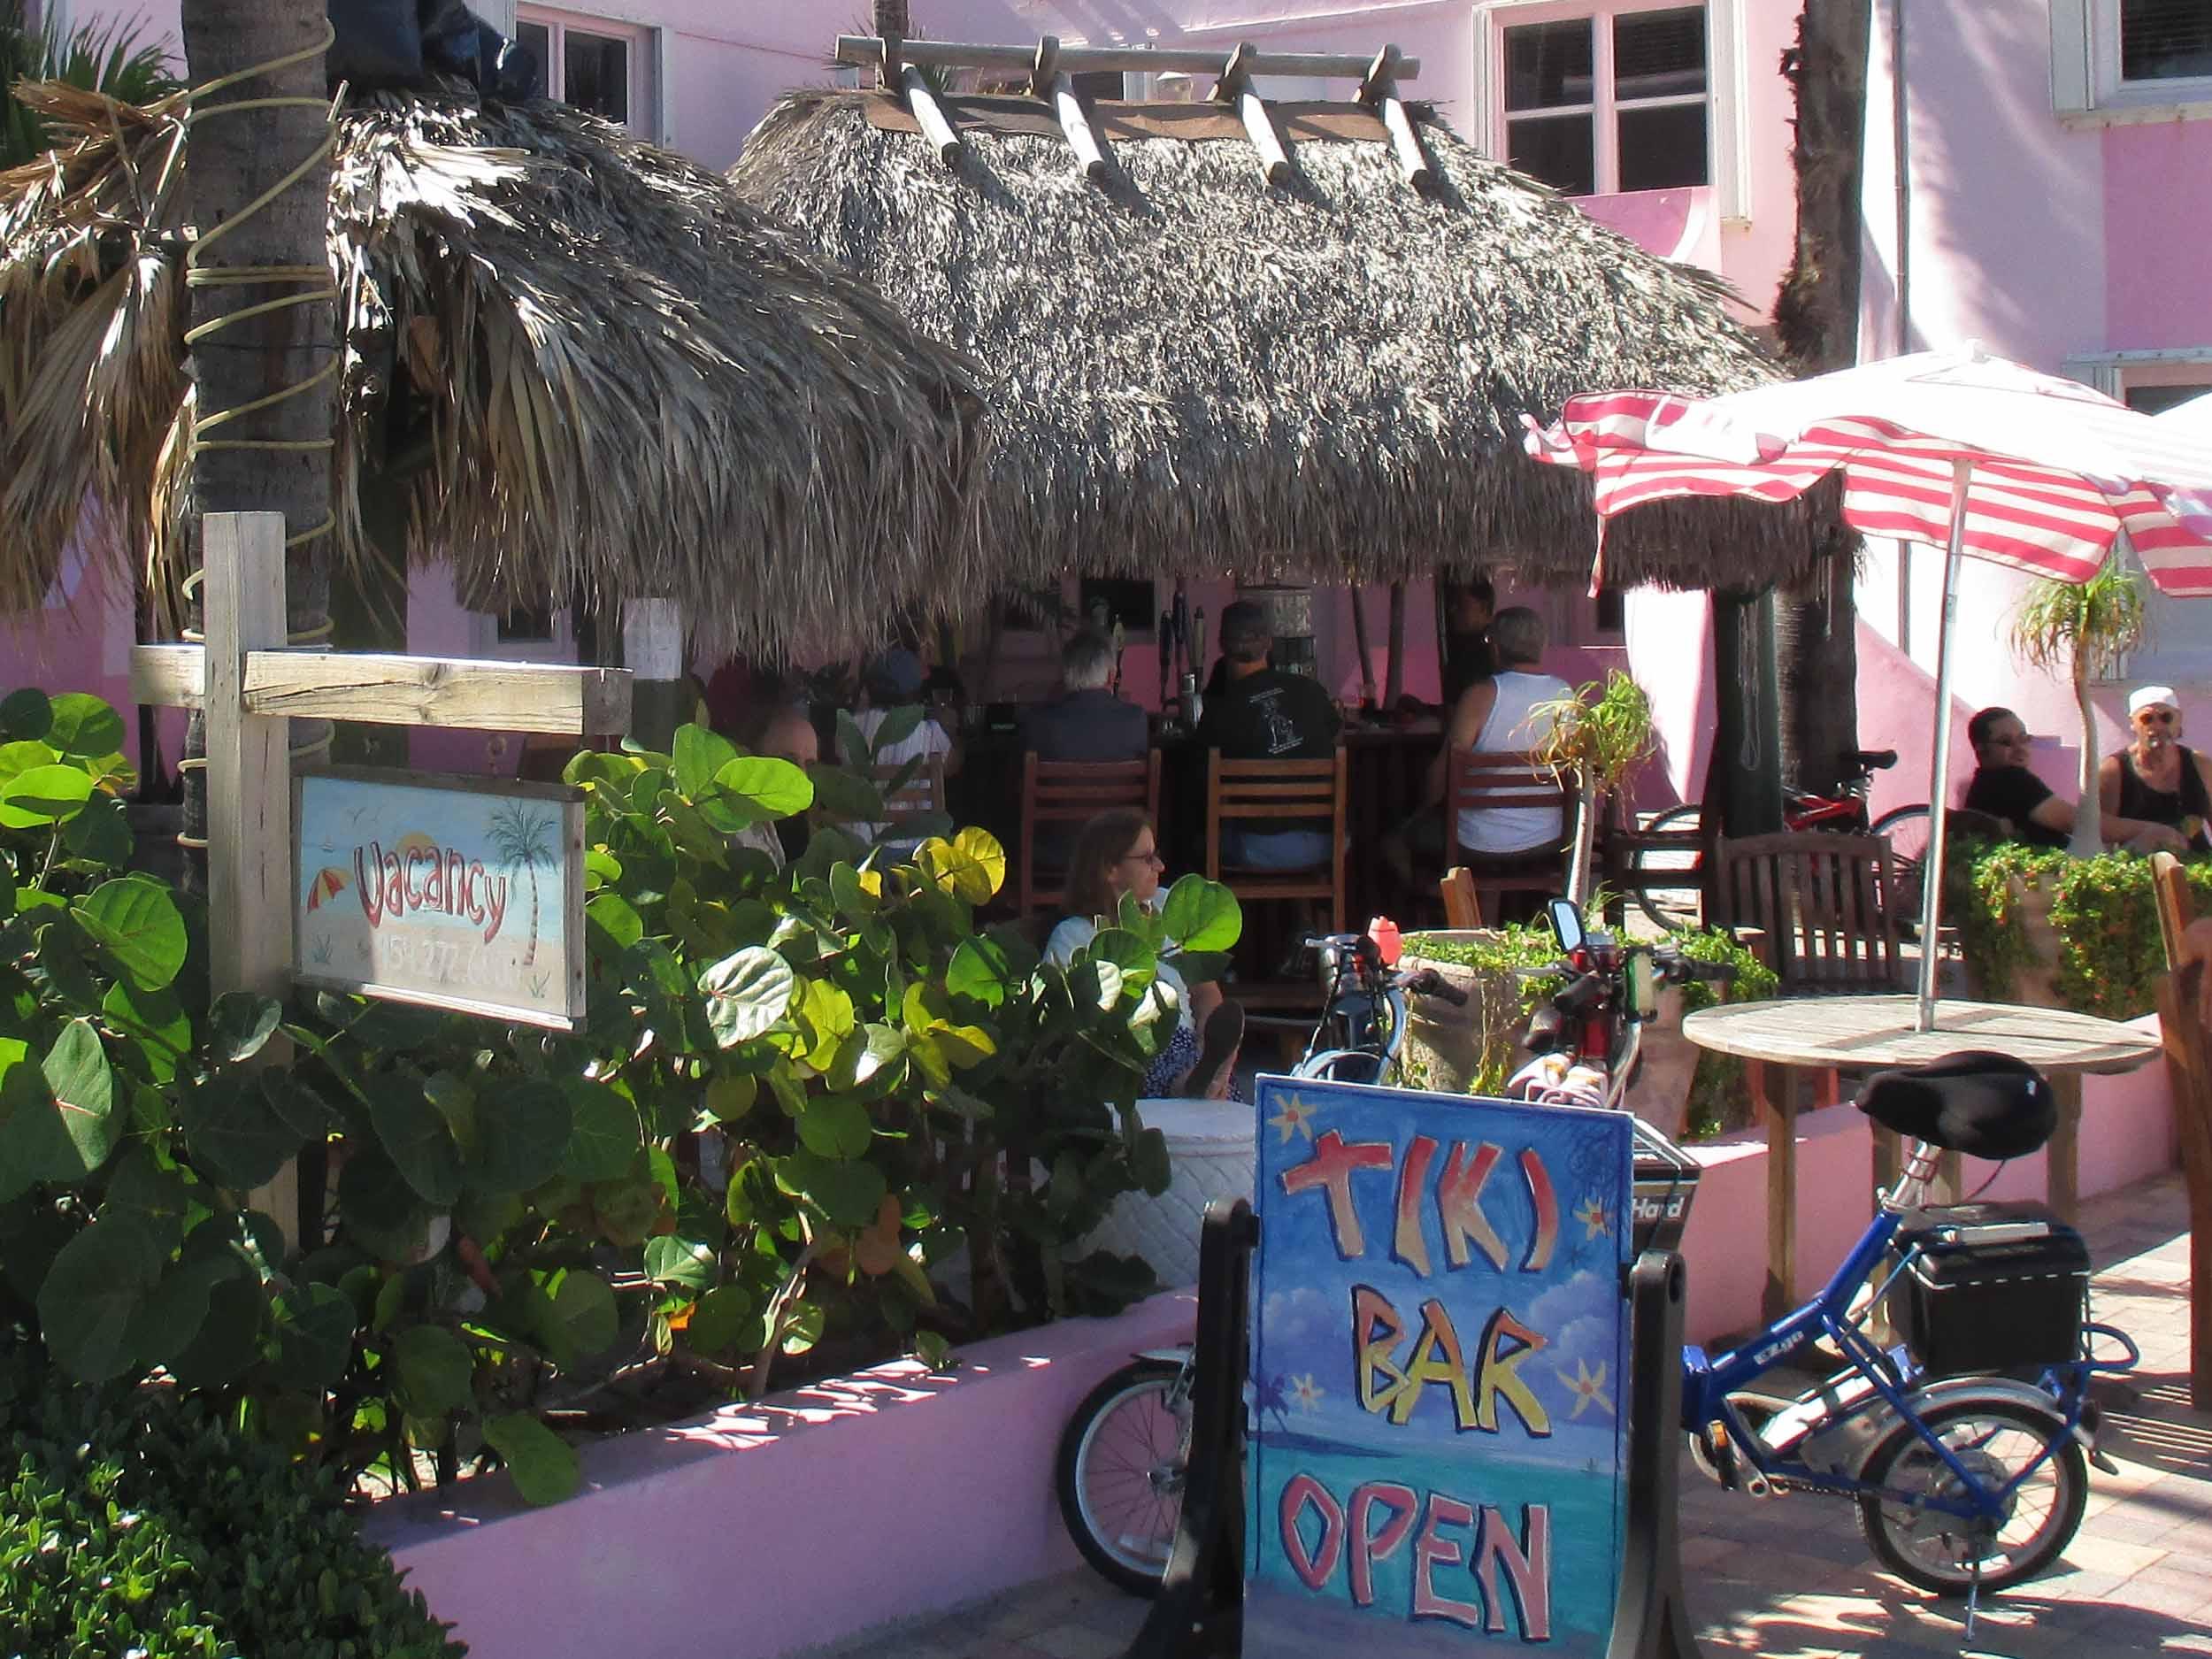 Tiki Bar at the Walkabout Beach Resort Entrance